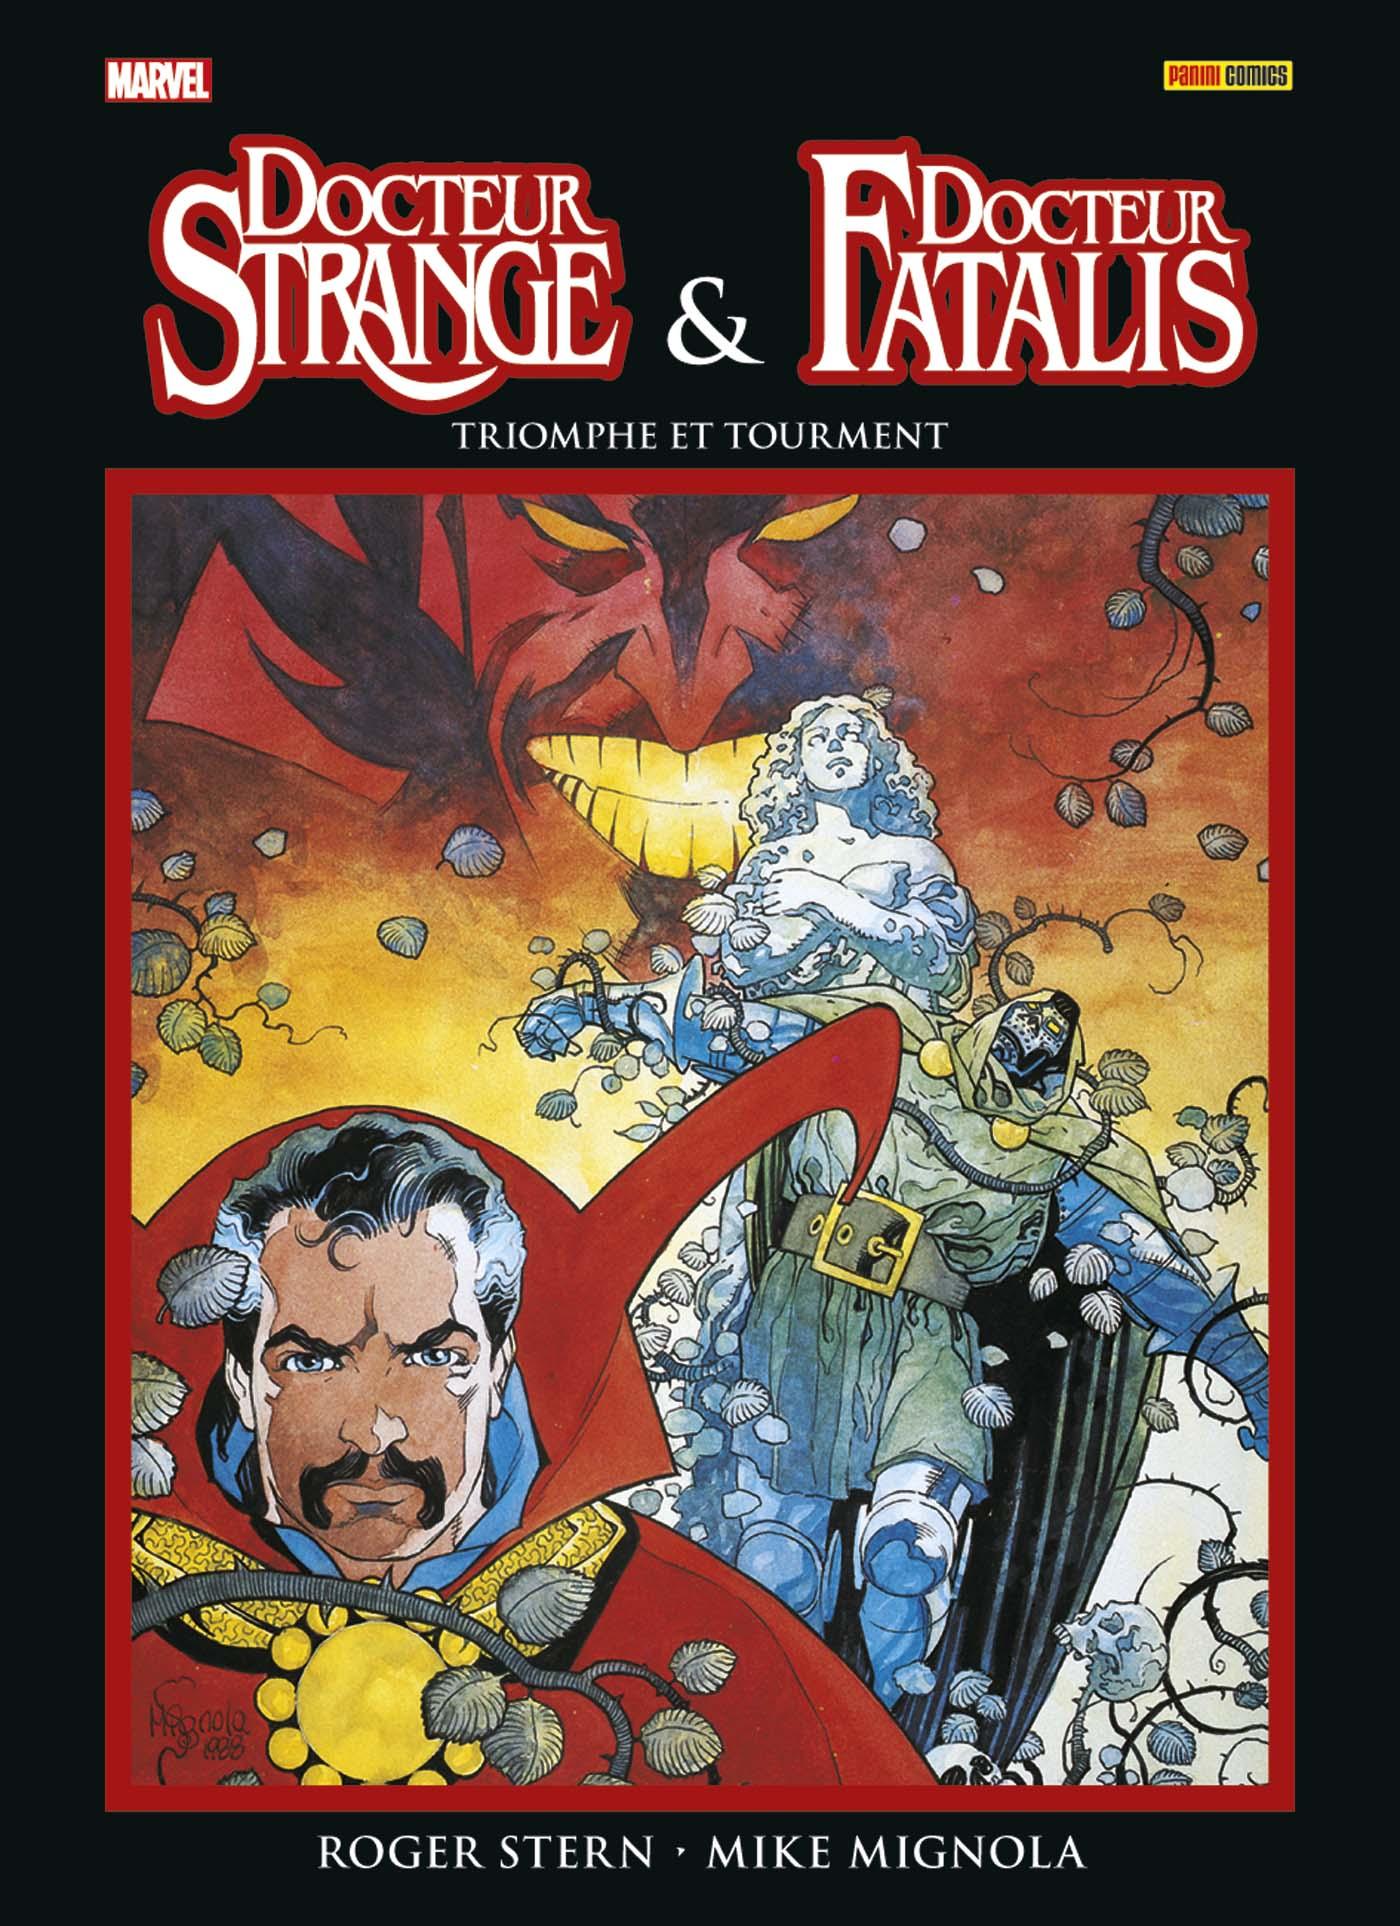 Docteur Strange & Docteur Fatalis - Triomphe & tourment 1 - DOCTEUR STRANGE & DOCTEUR FATALIS – TRIOMPHE & TOURMENT